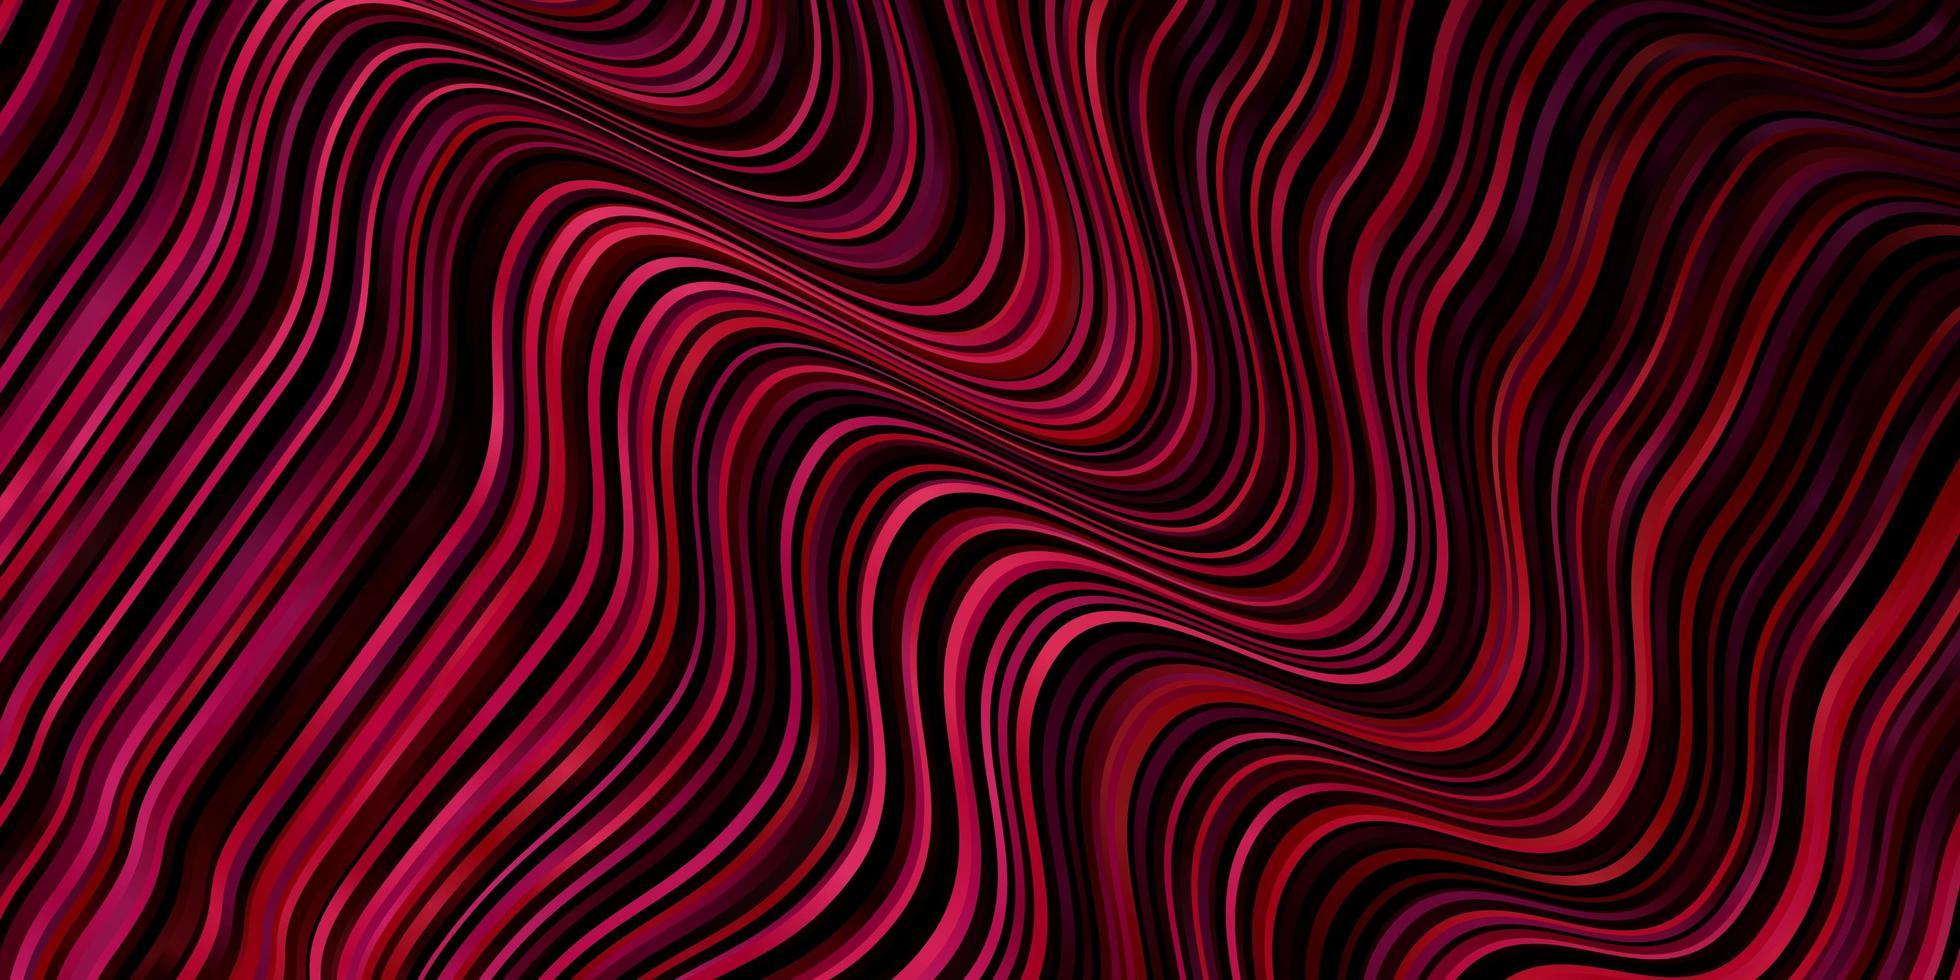 pano de fundo rosa claro, vermelho vector com curvas.